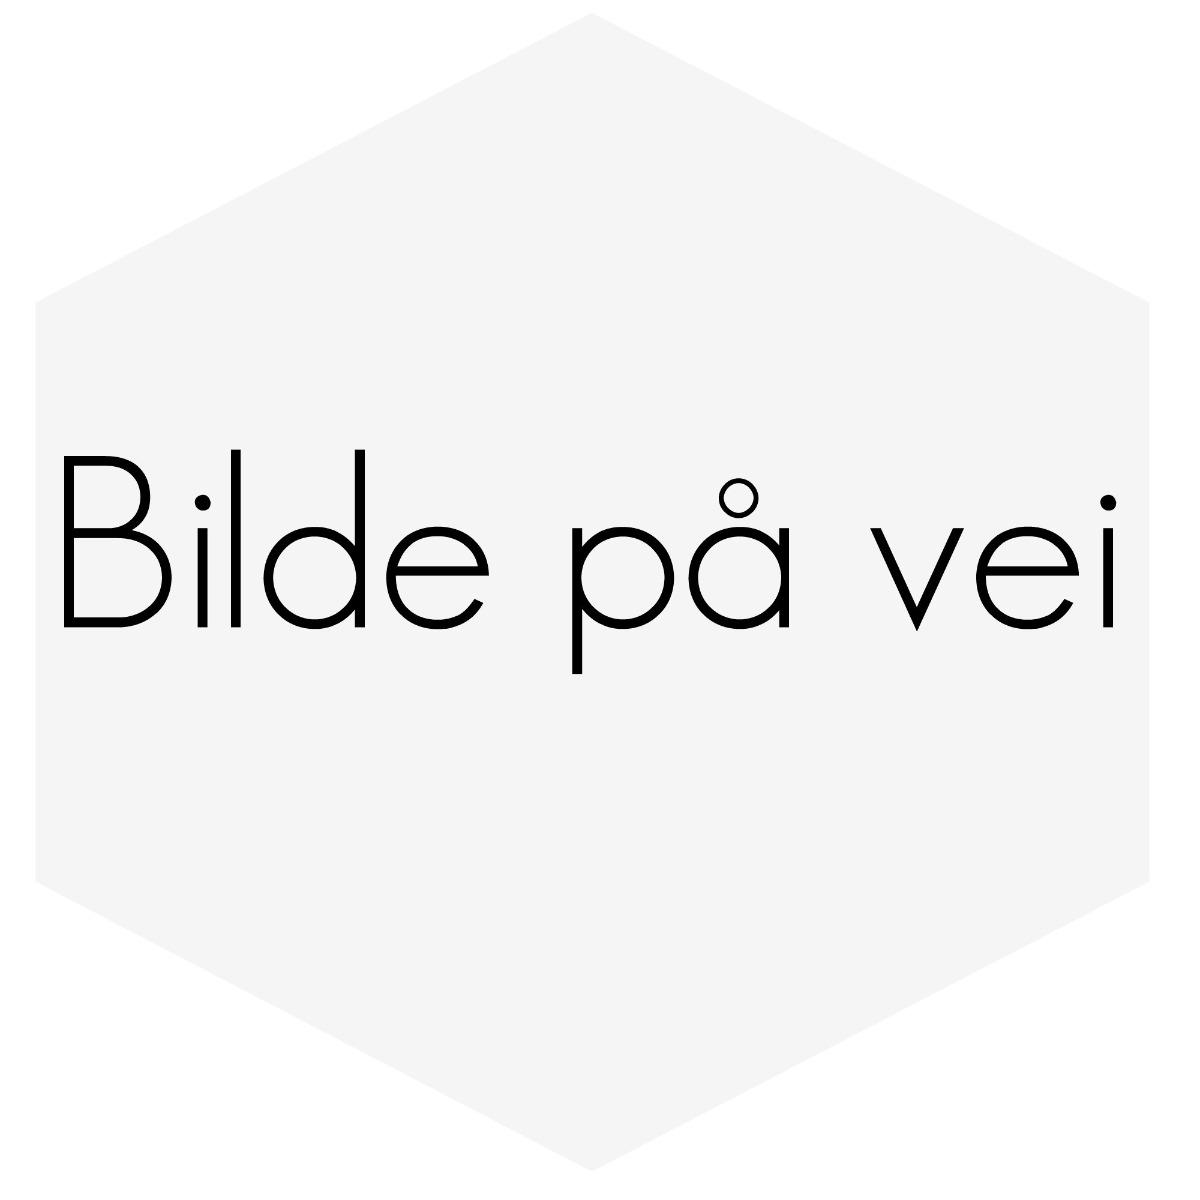 Senkesett Volvo 700/900 stv  40/40 uten tuv  sats 4 stk